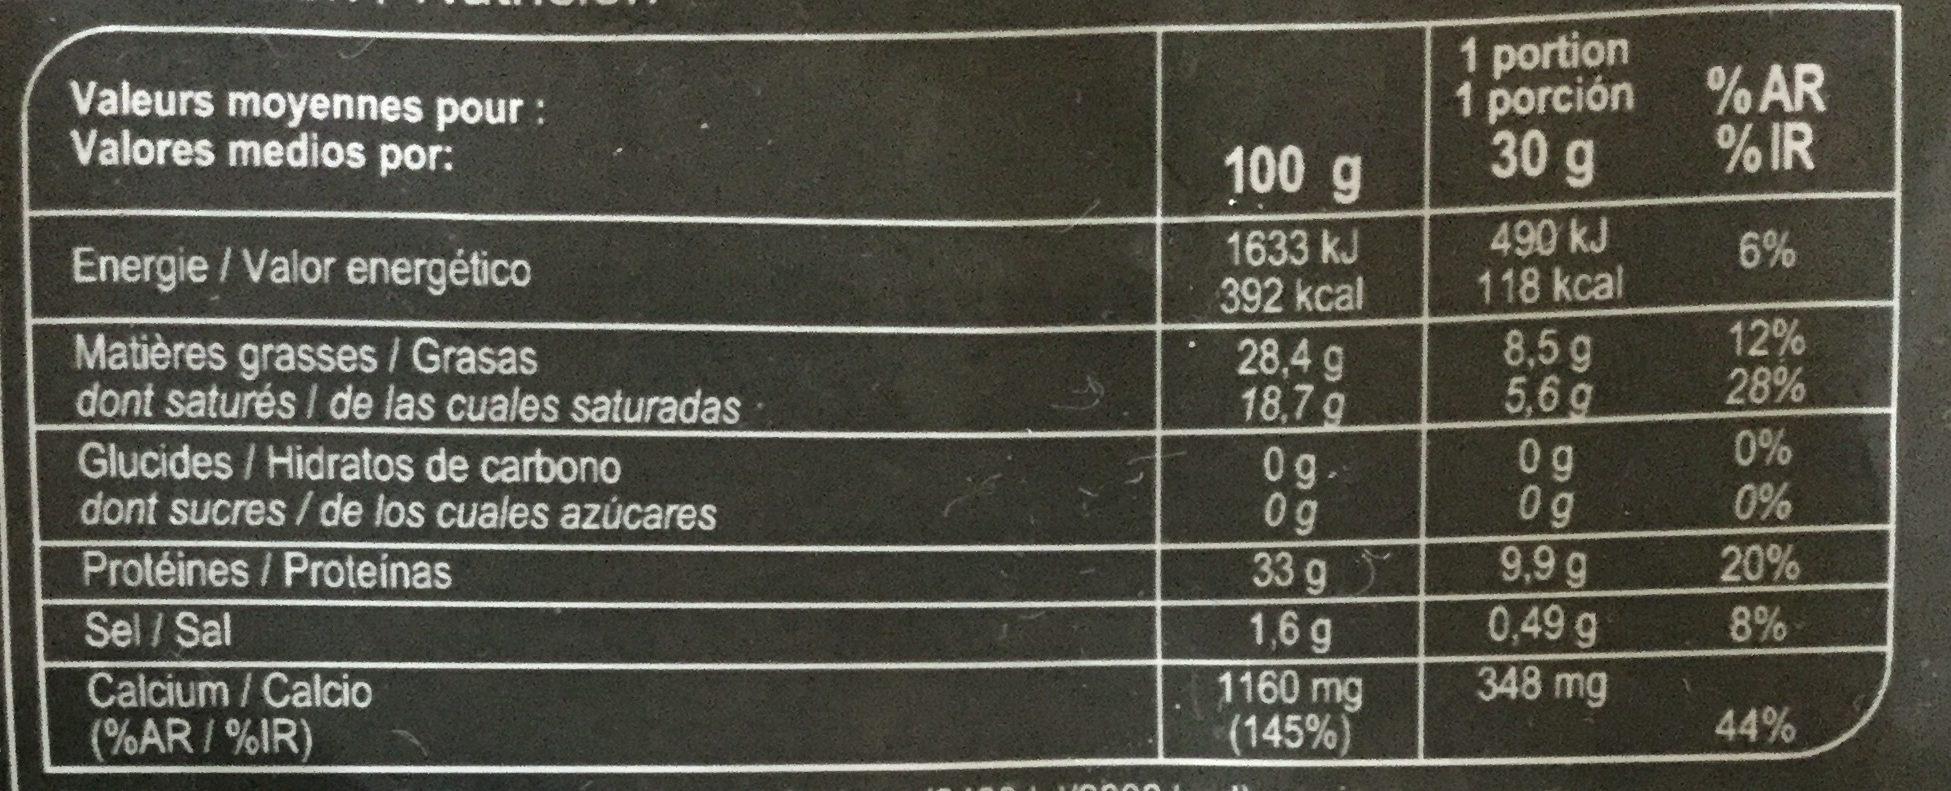 Parmigiano reggiano - Información nutricional - es